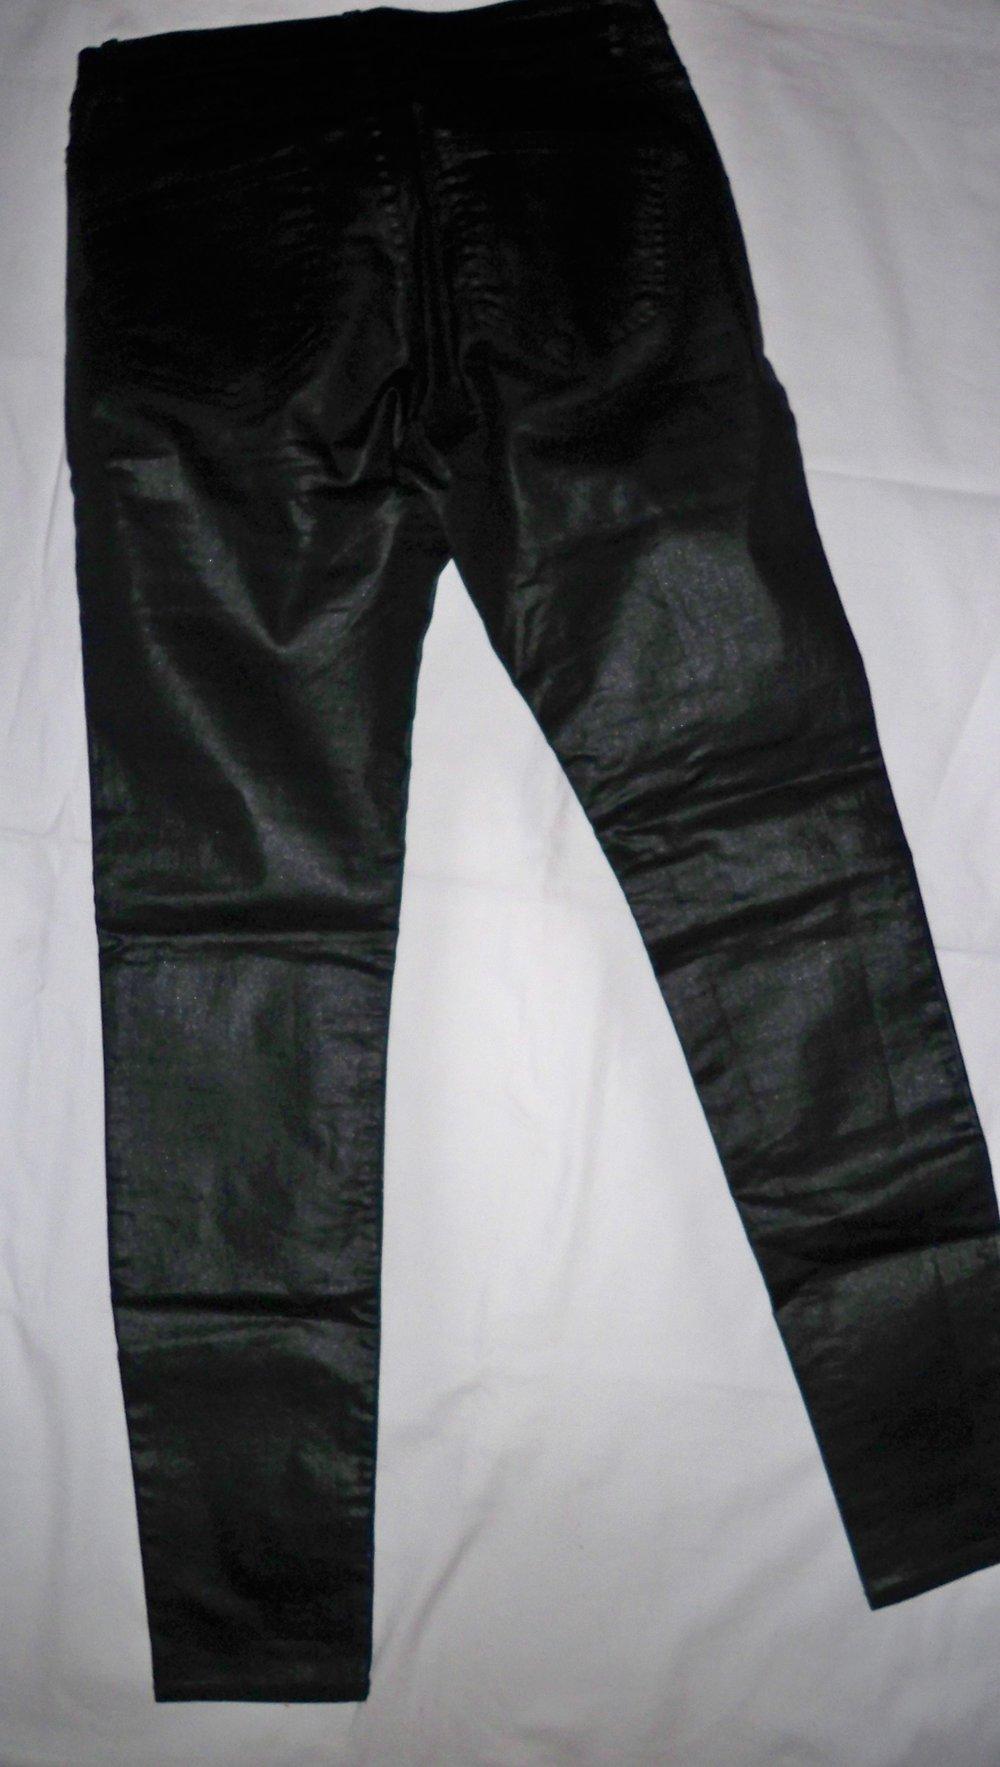 günstig authentische Qualität Räumungspreis genießen Tolle glänzende schwarze Jeans !